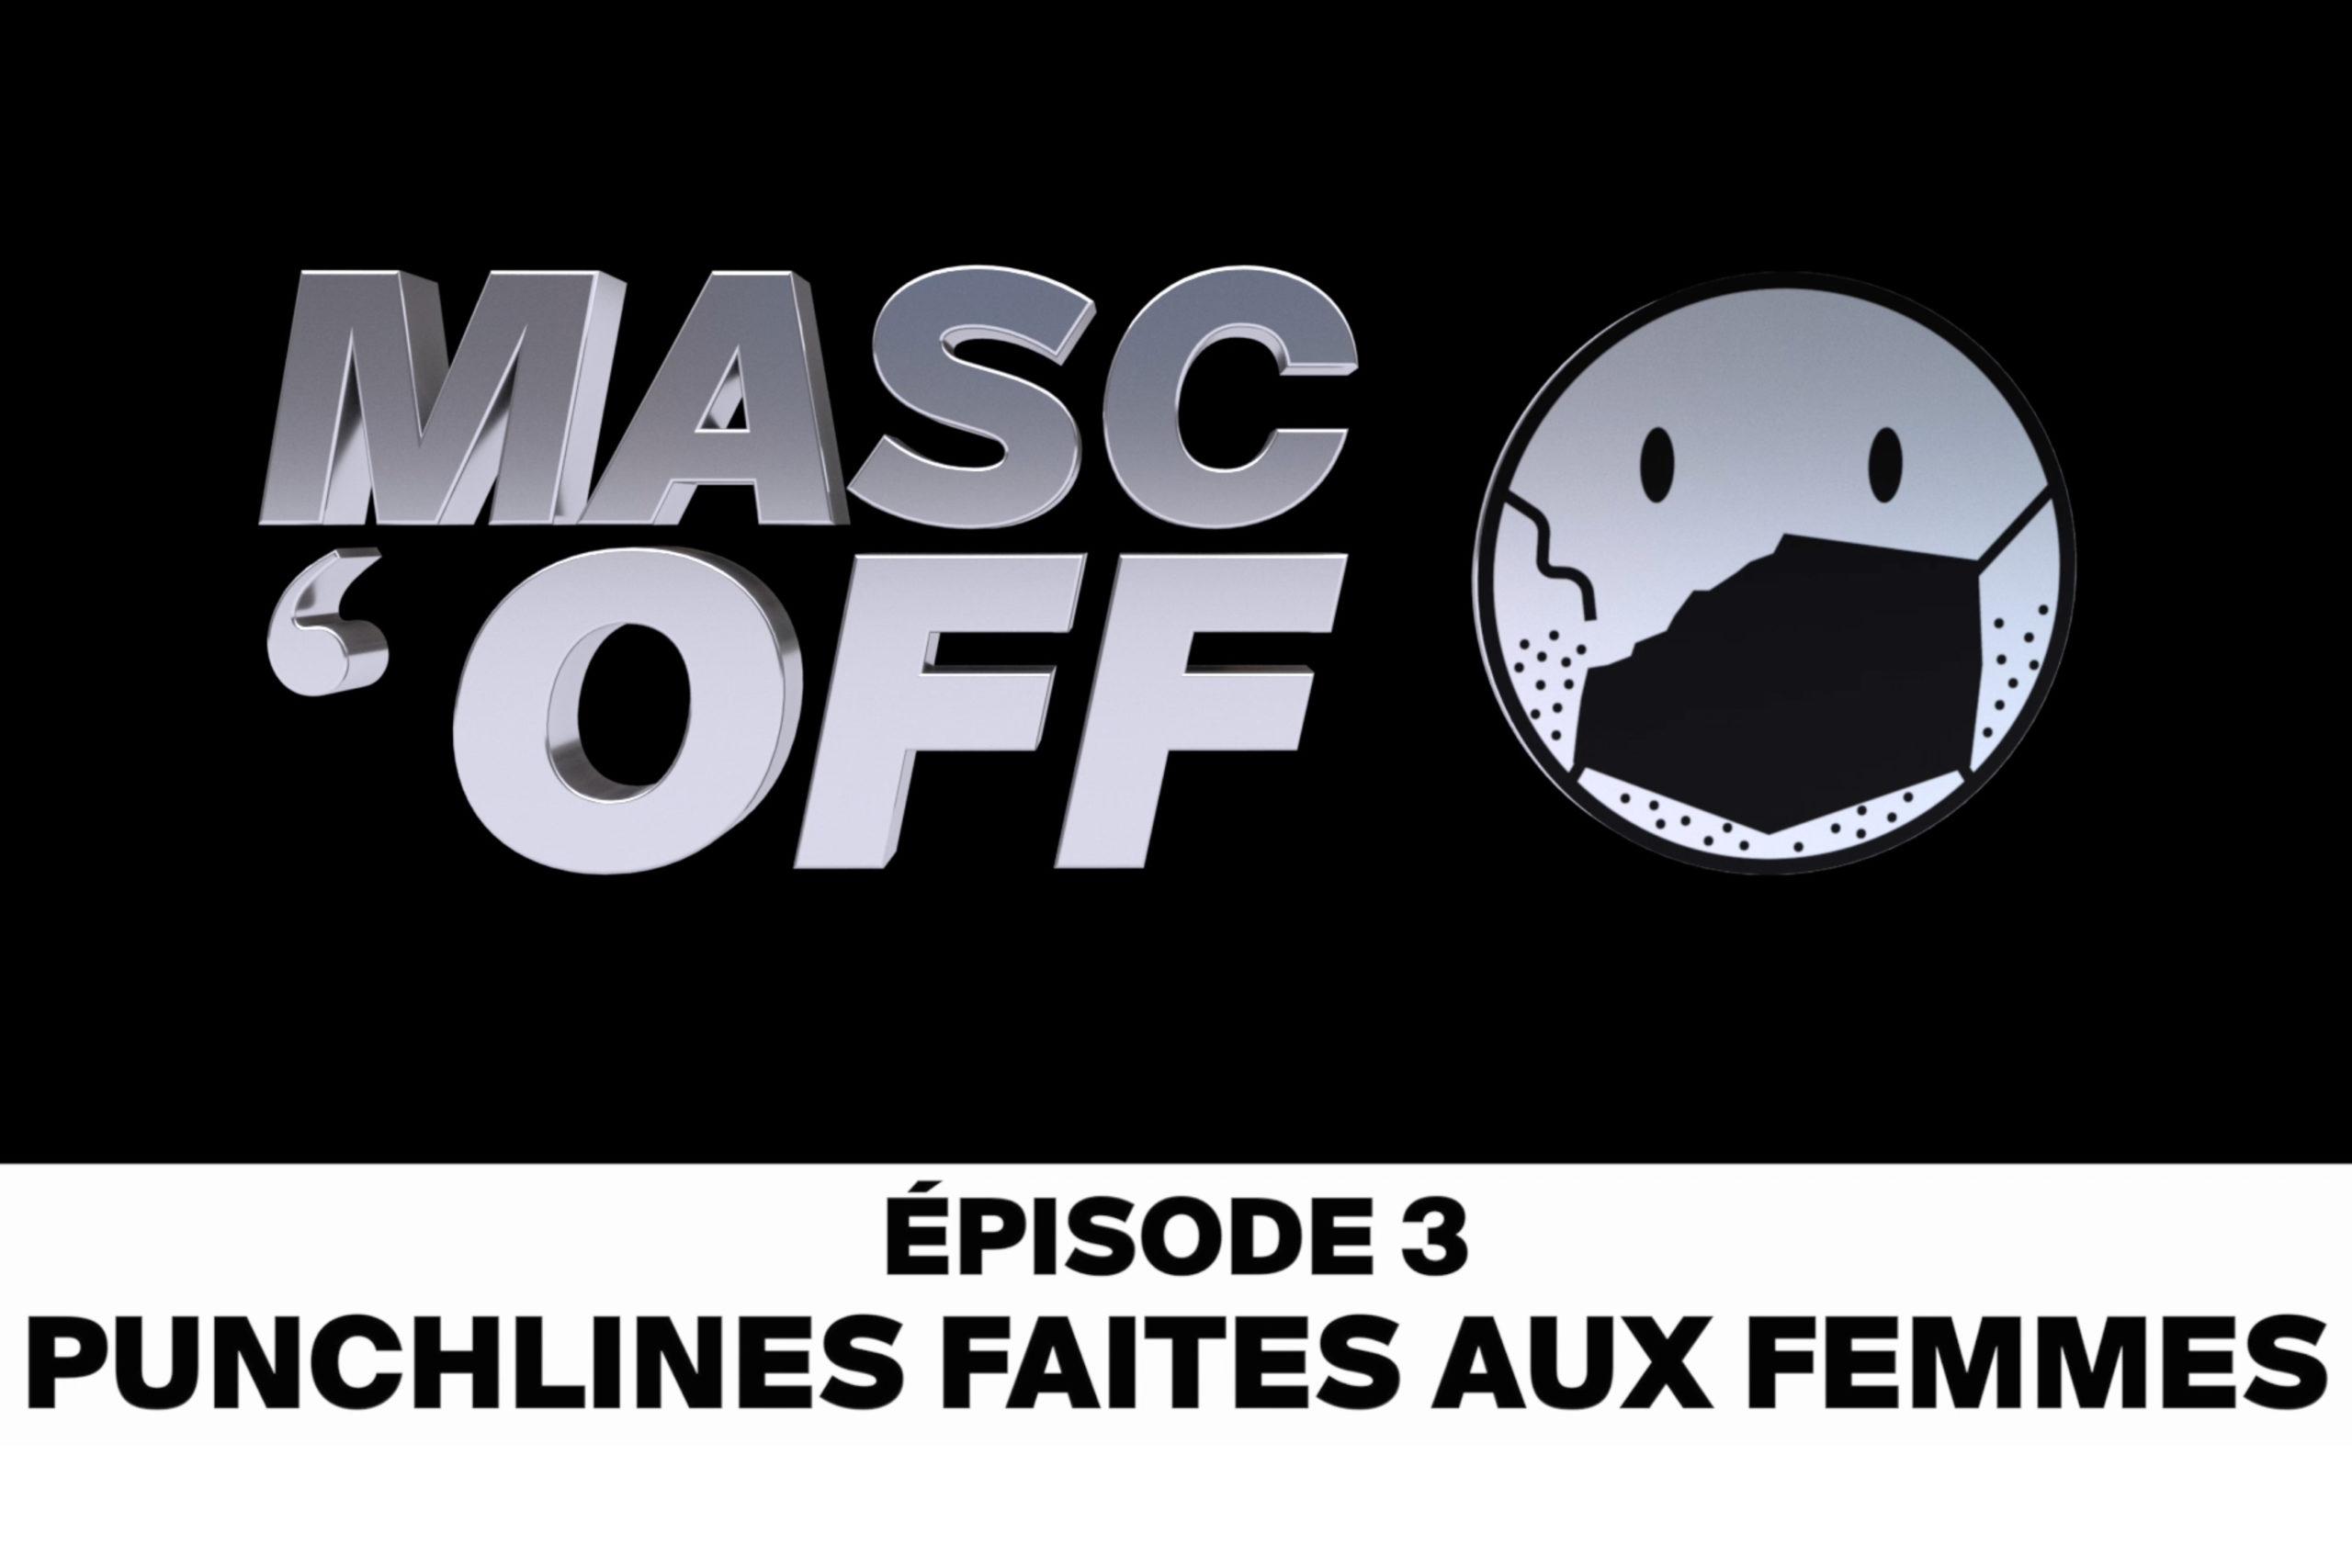 Punchlines faites aux femmes [MASC'OFF épisode 3]